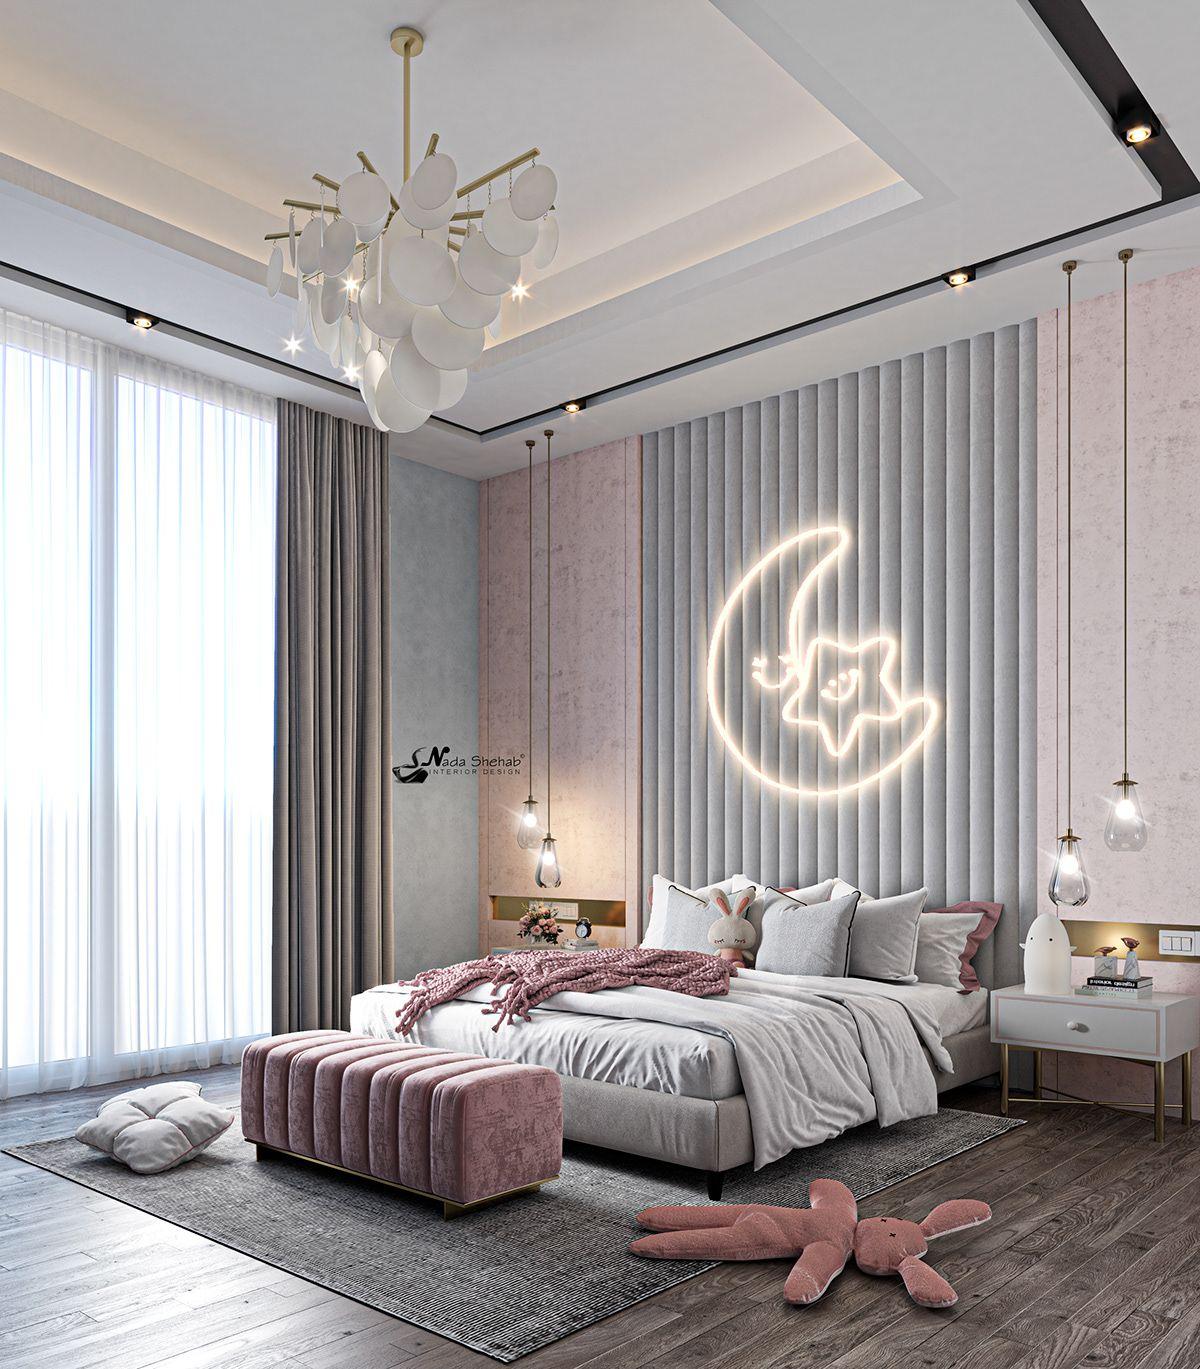 G I R L On Behance Luxury Kids Bedroom Luxury Bedroom Design Room Design Bedroom Teen modern luxury room